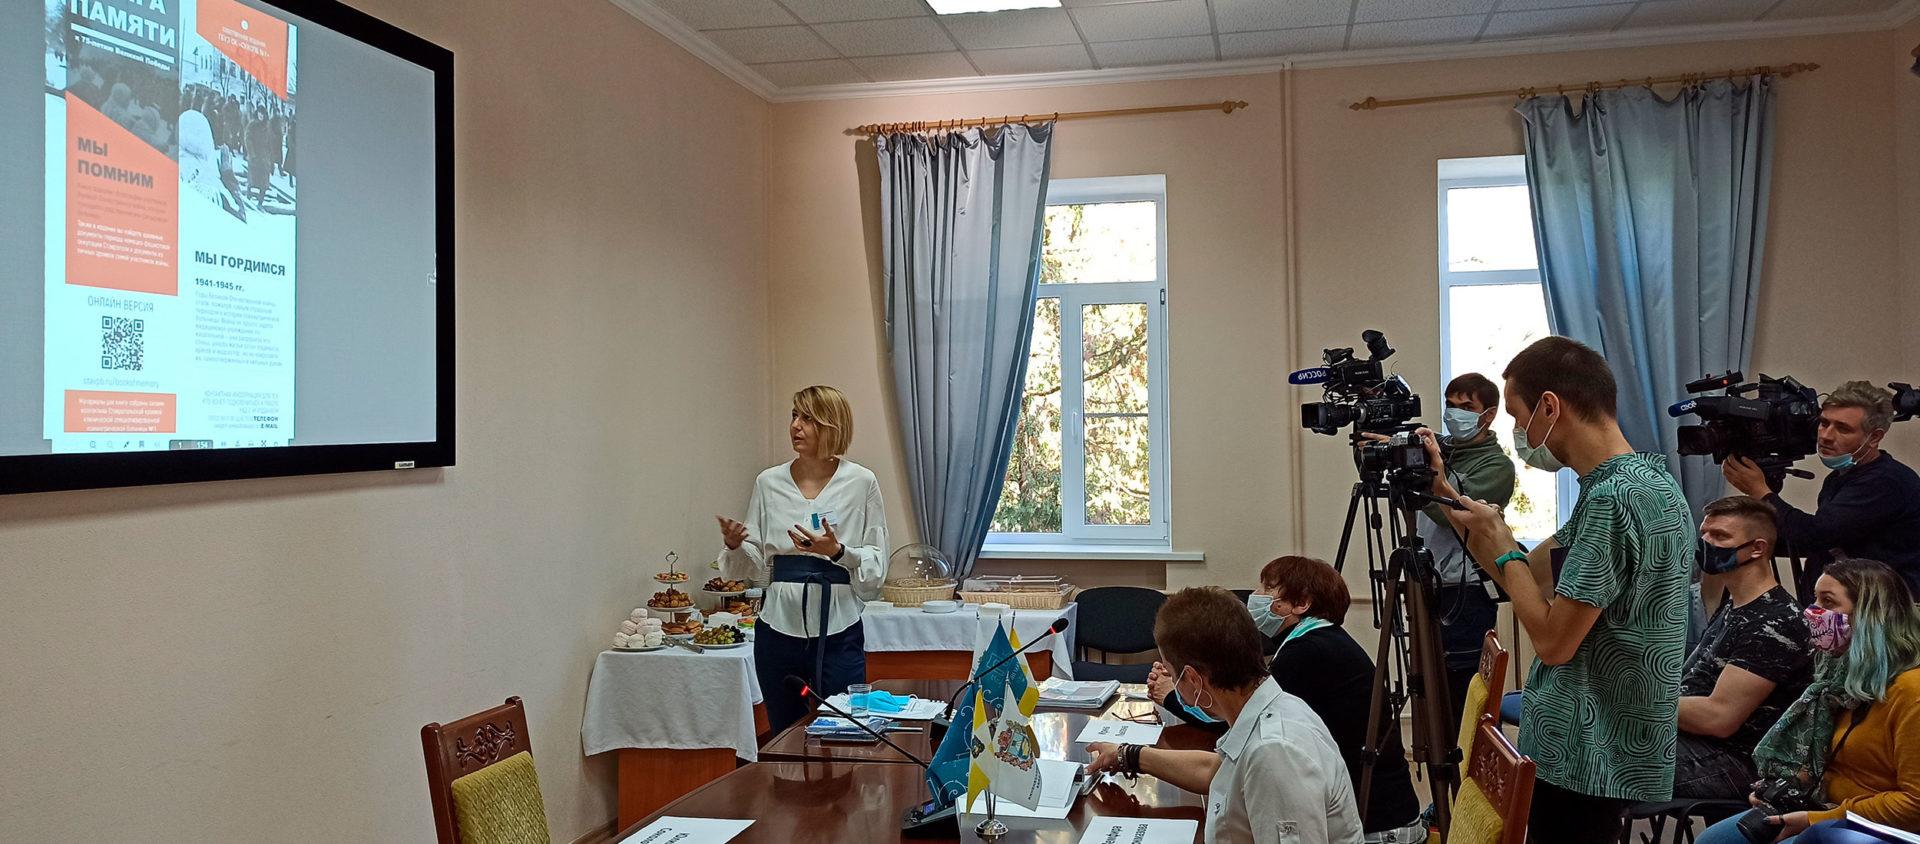 Ставропольская психбольница презентовала «Книгу памяти» об участниках ВОВ